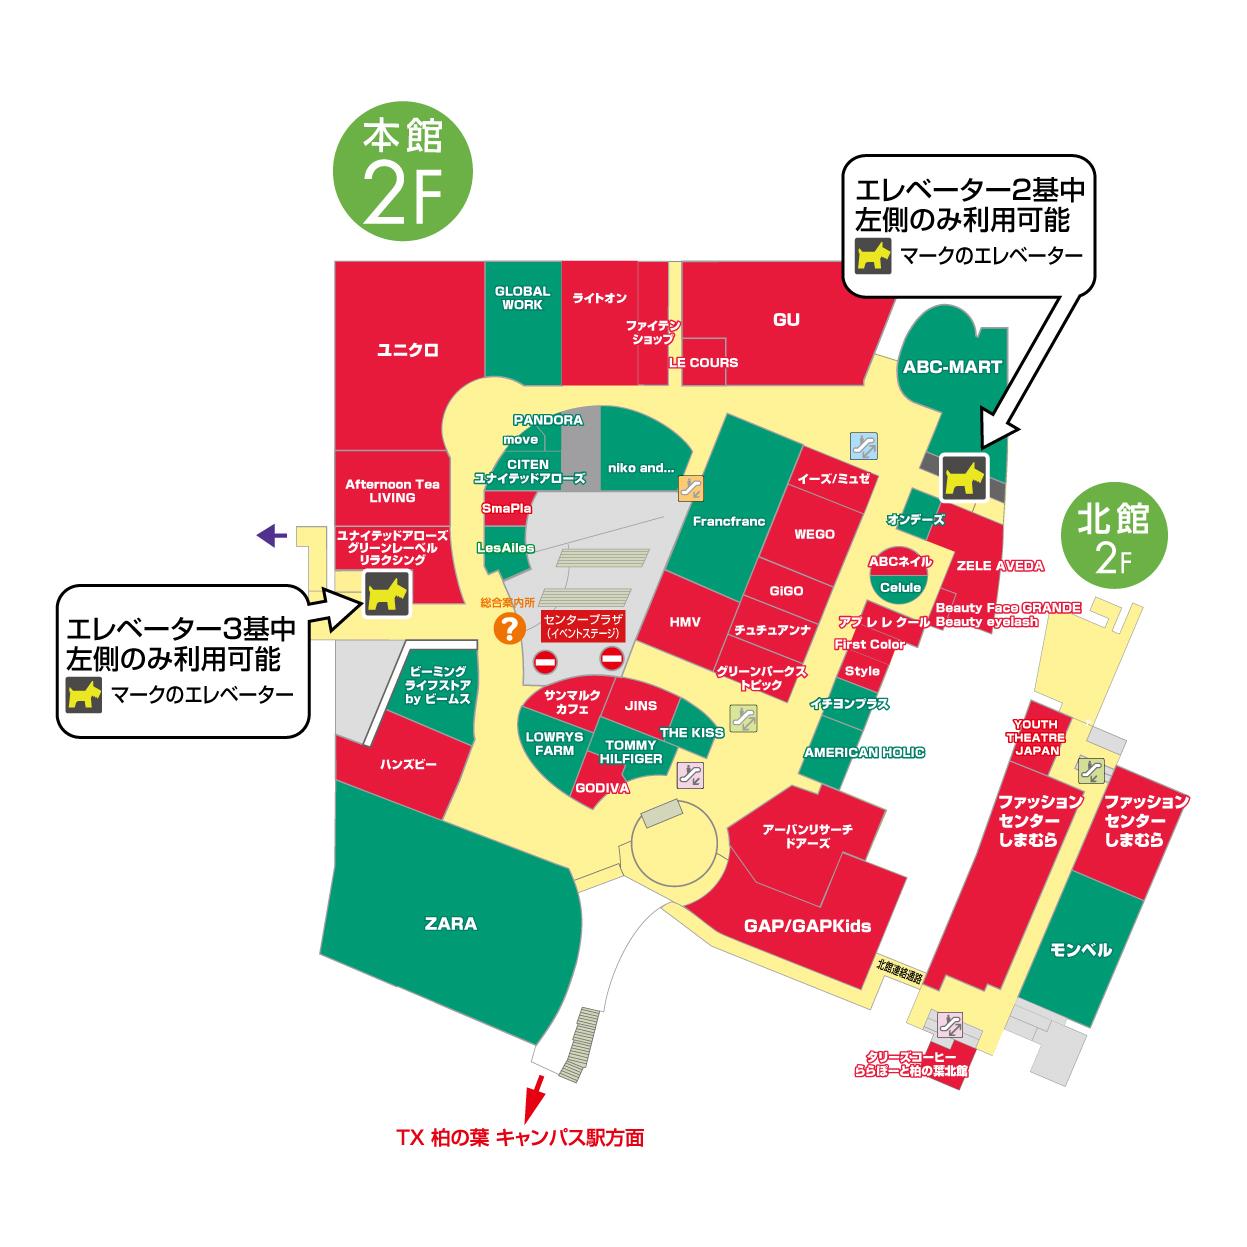 본관 2F 맵